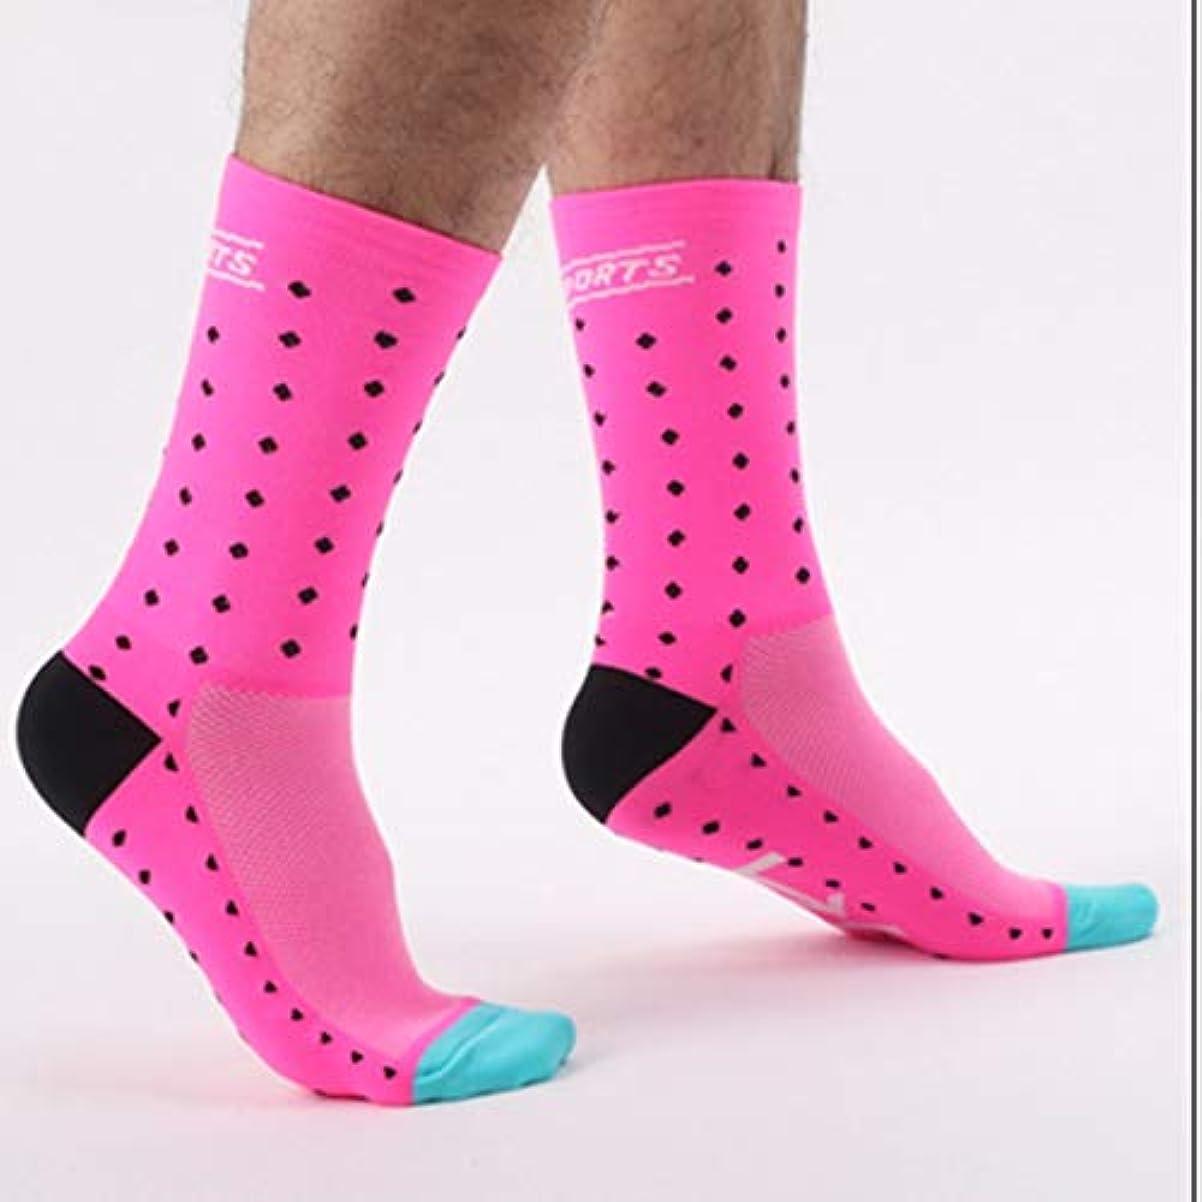 評価業界空DH04快適なファッショナブルな屋外サイクリングソックス男性女性プロの通気性スポーツソックスバスケットボールソックス - ピンク